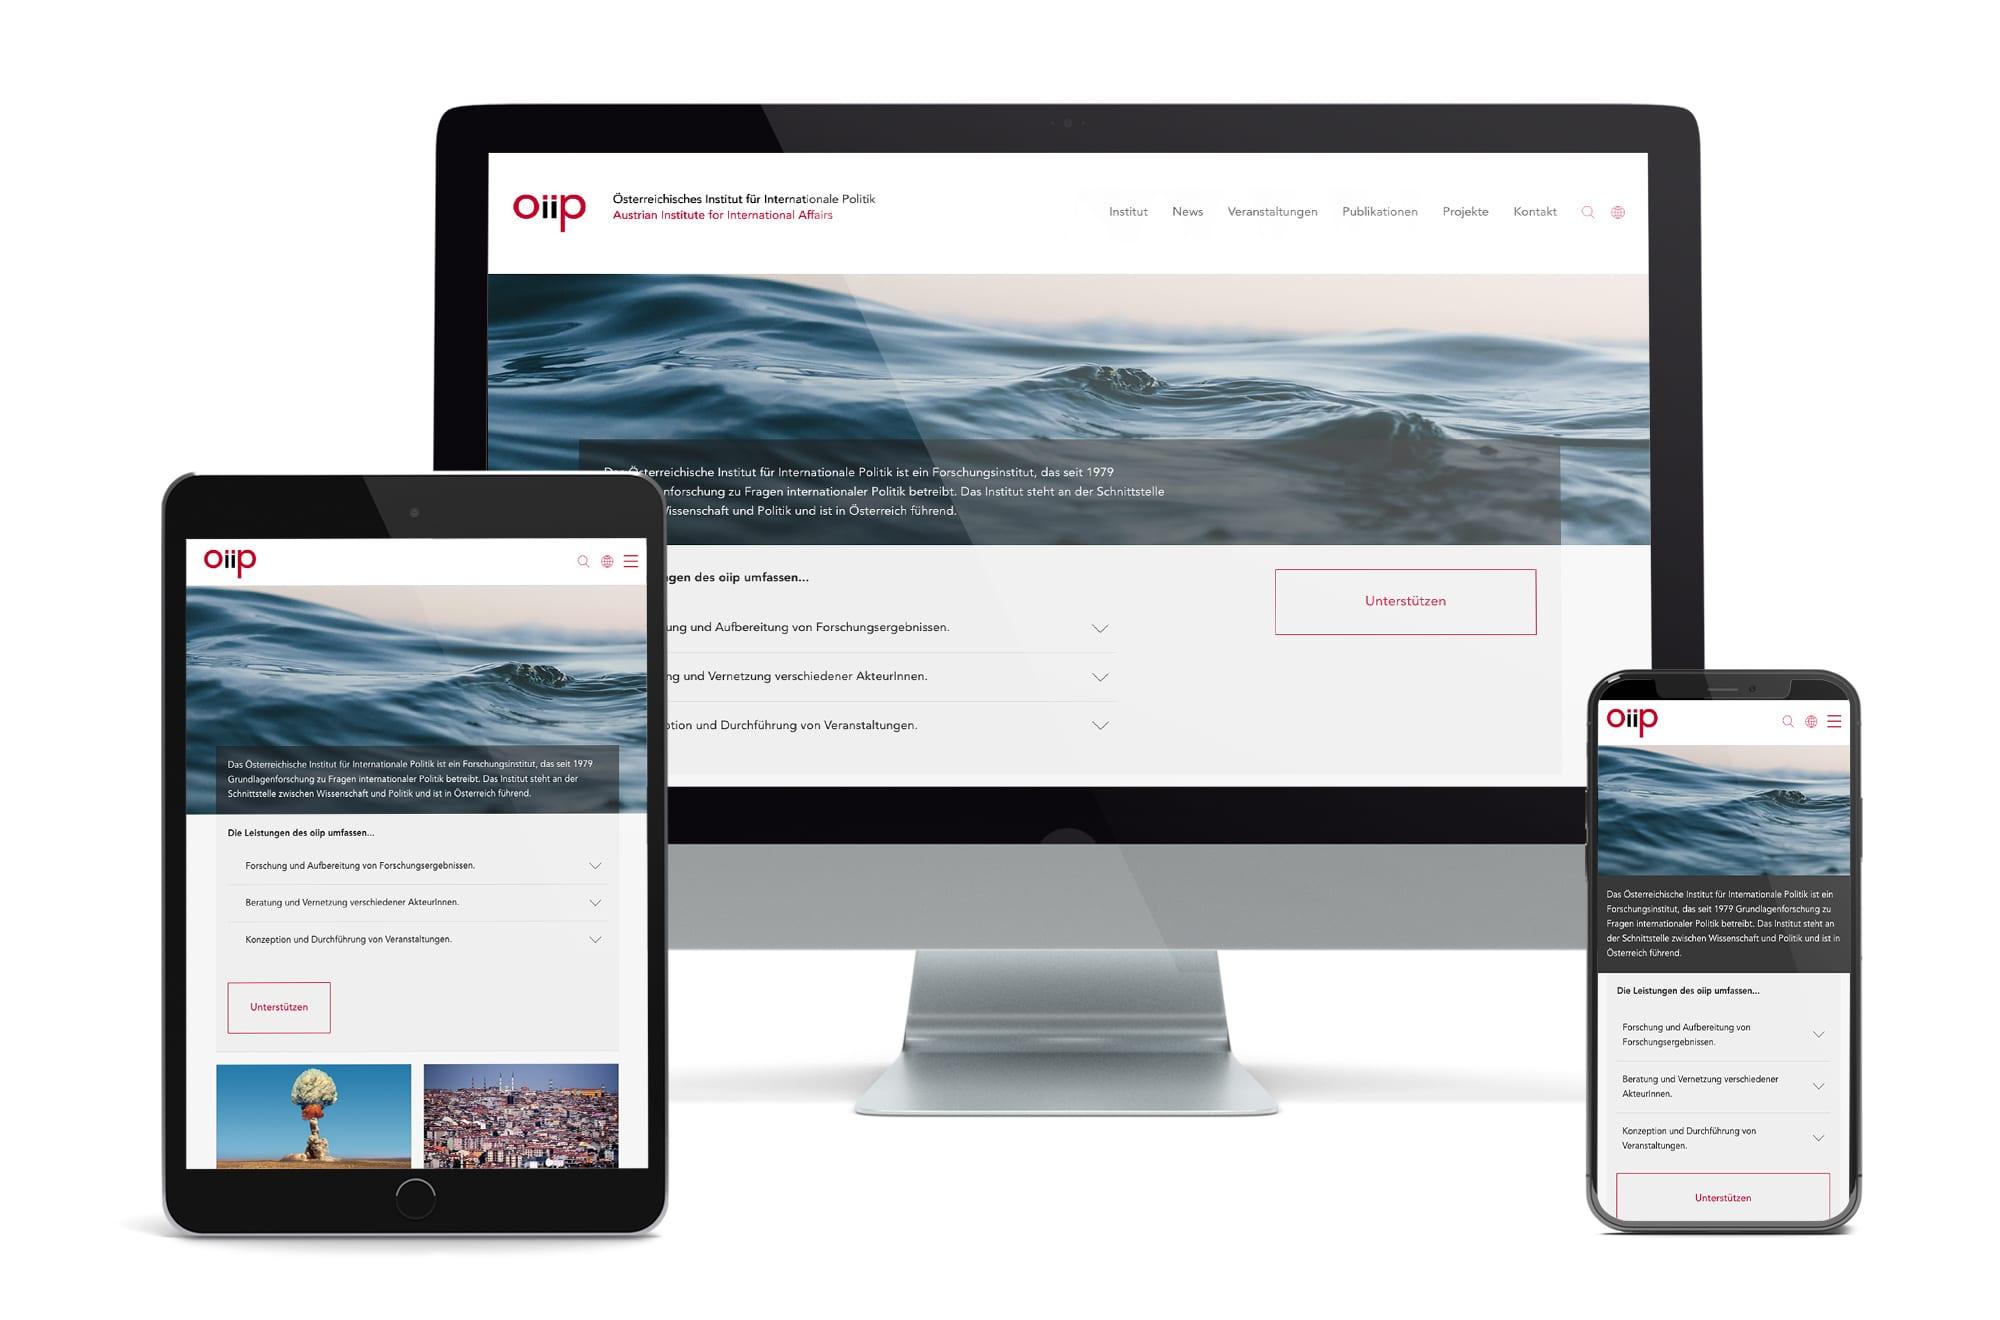 Webdesign Beispiel: Neue Website für Institut / Verein